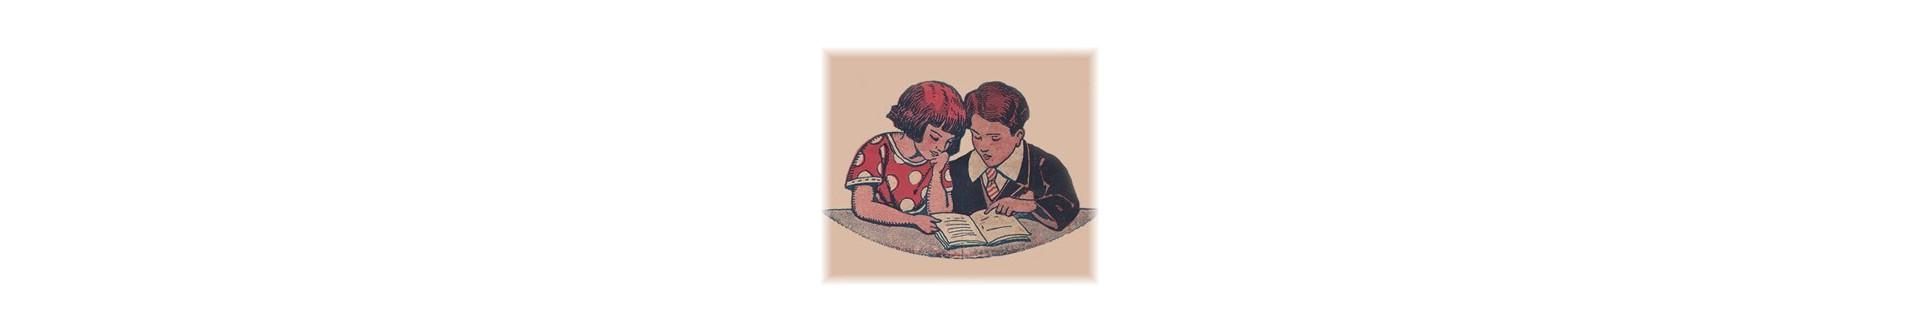 Les livres roses pour la jeunesse | Librairie Larousse | Vente de livres d'occasion